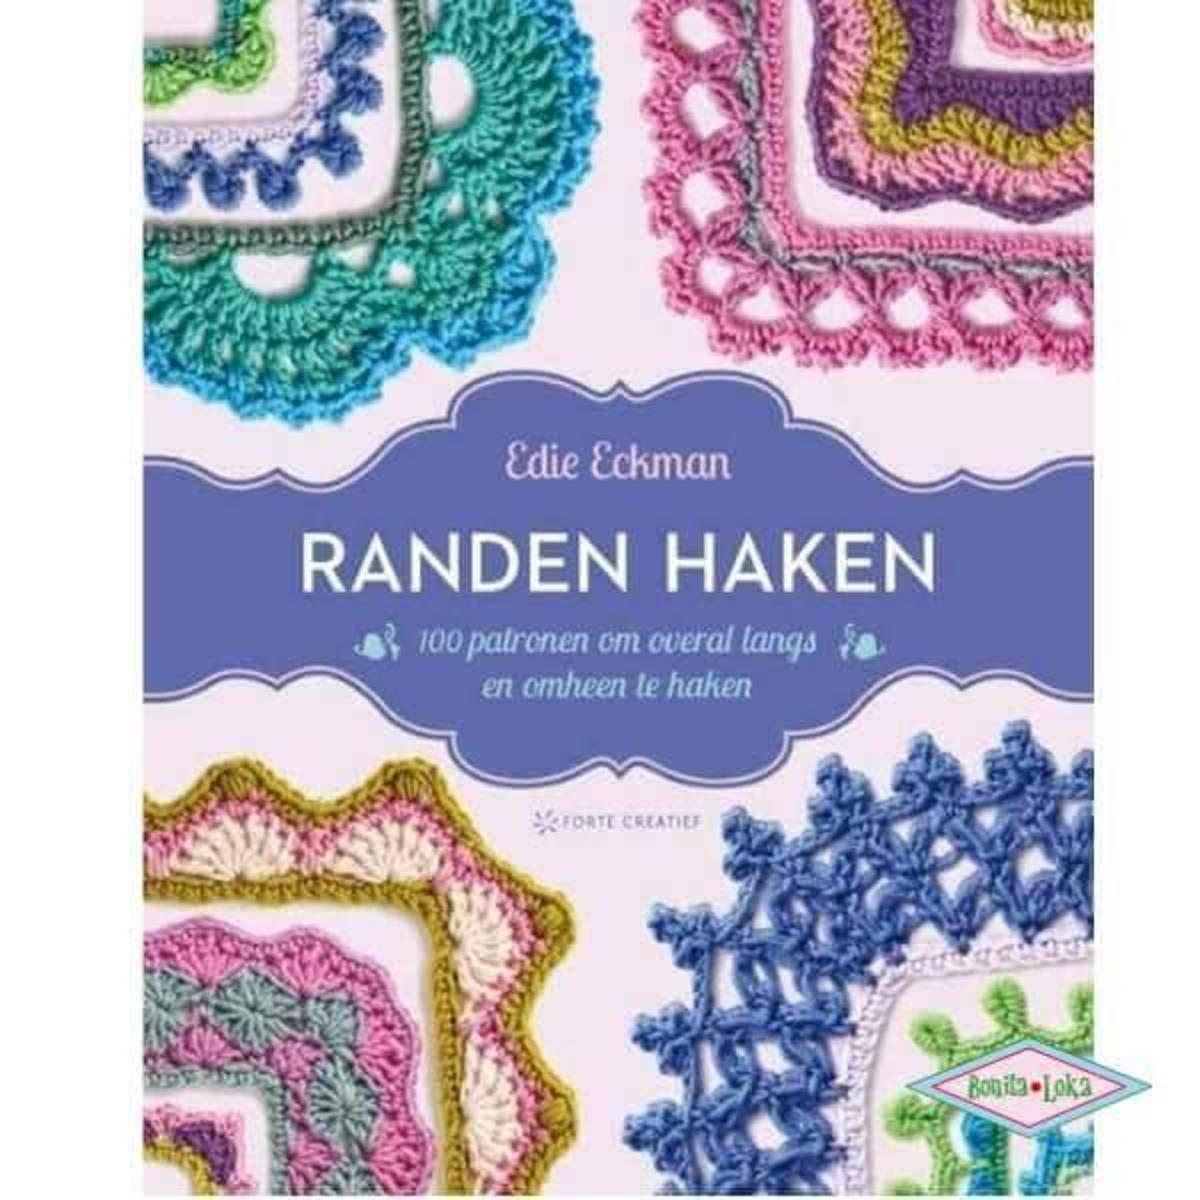 Bolcom Randen Haken Edie Eckman 9789462501614 Boeken